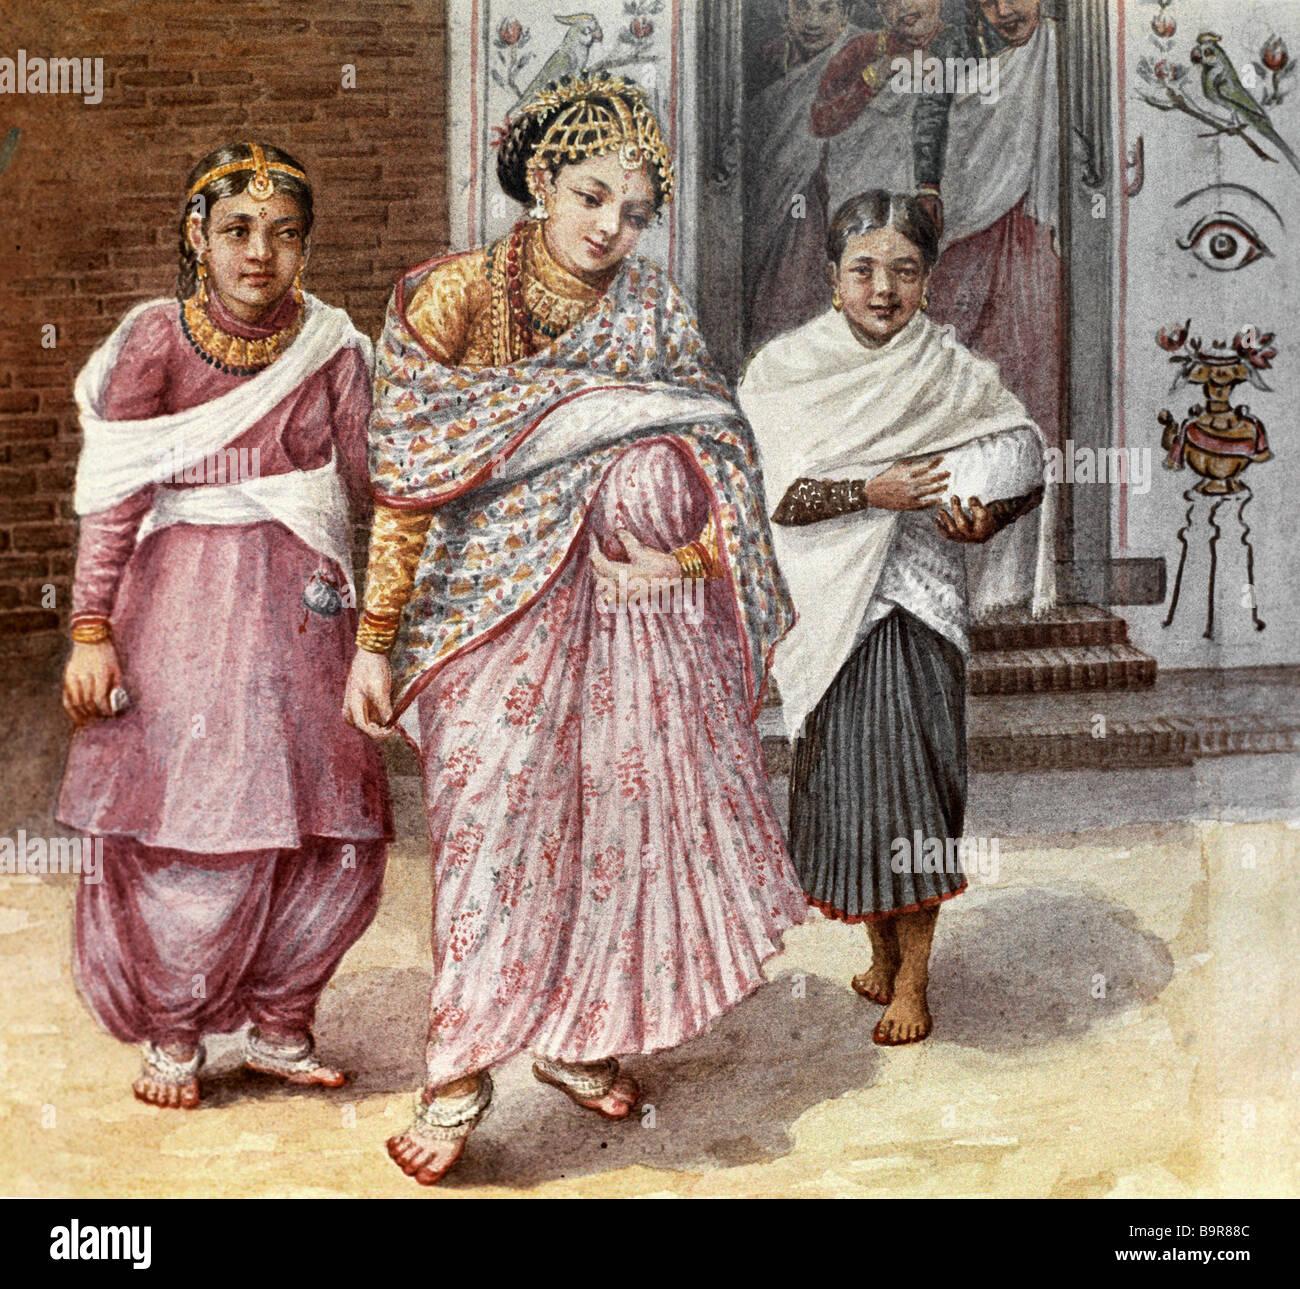 La riproduzione di acquerelli di donne del Nepal sul display in mostra i maestri del Nepal a Mosca Immagini Stock